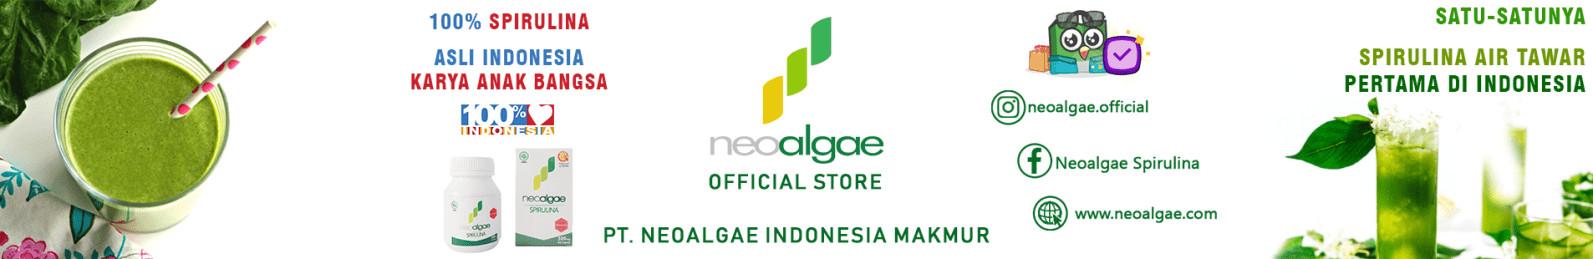 Neoalgae Official